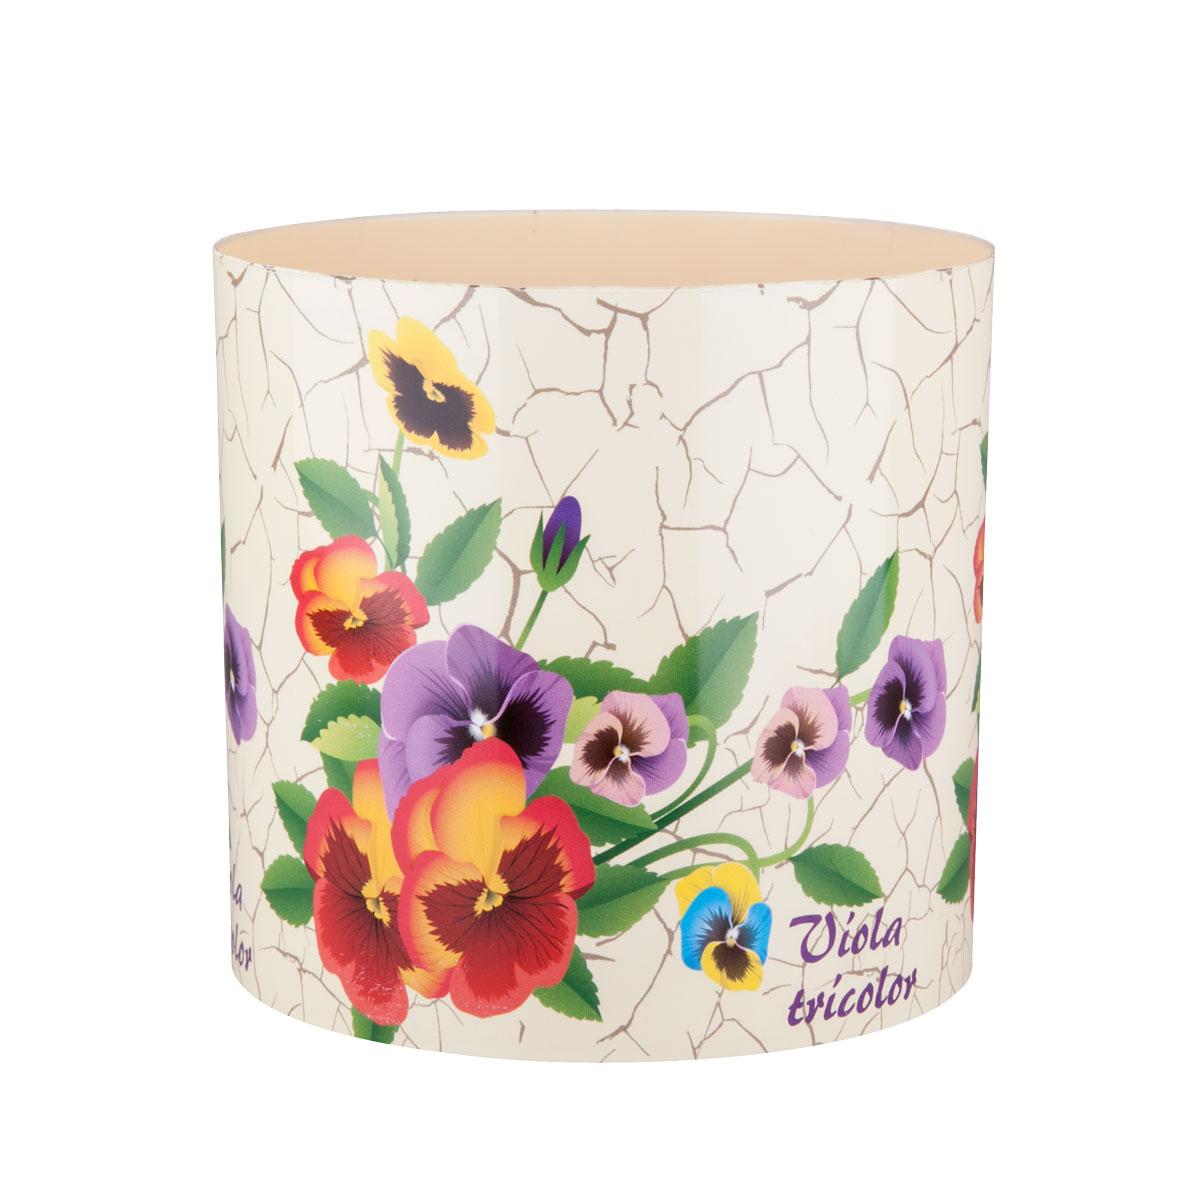 Горшок для цветов Miolla «Прованс фиалки» со скрытым поддоном, 2,8л стеклянные кашпо для орхидей купить